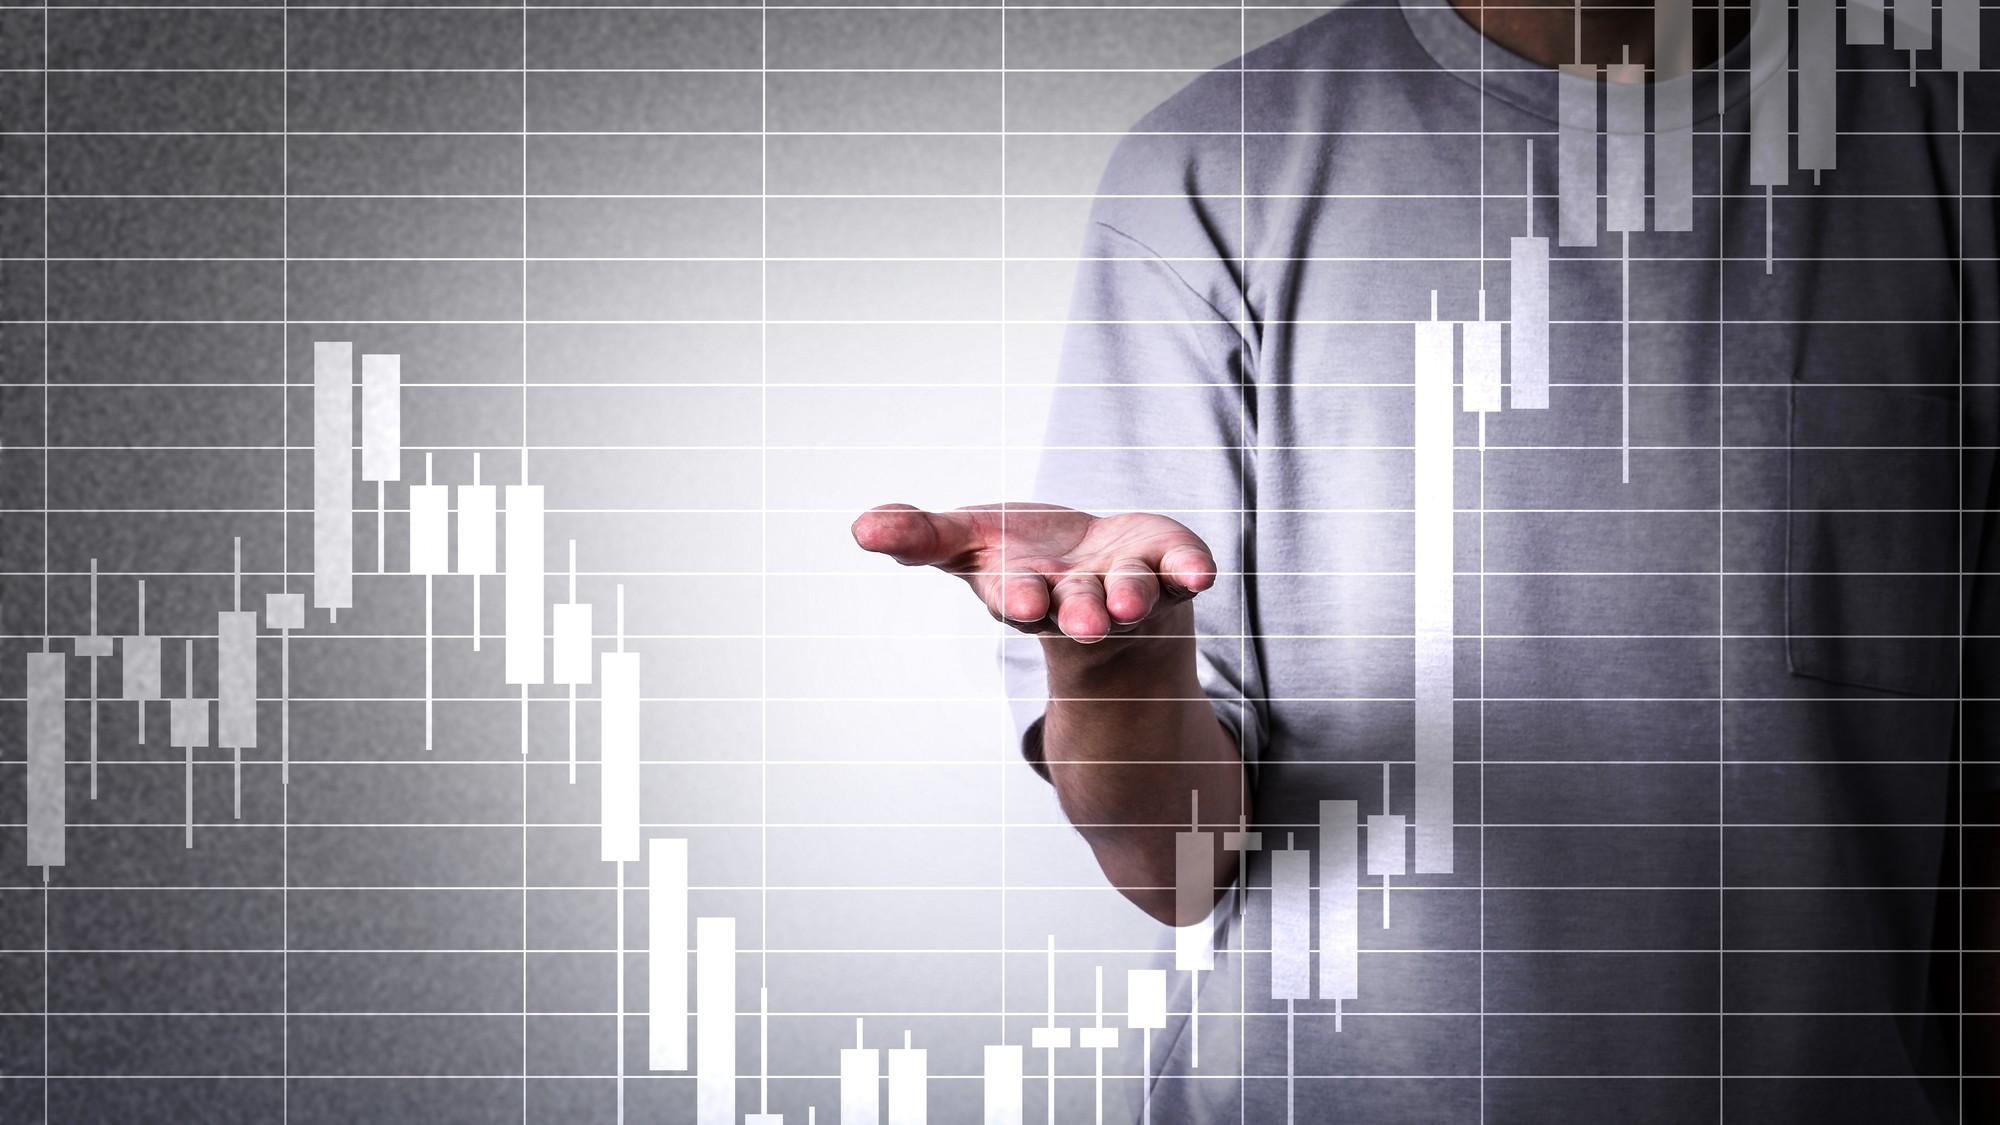 初心者が「株式投資の運用利回り」をなかなか理解できないワケ